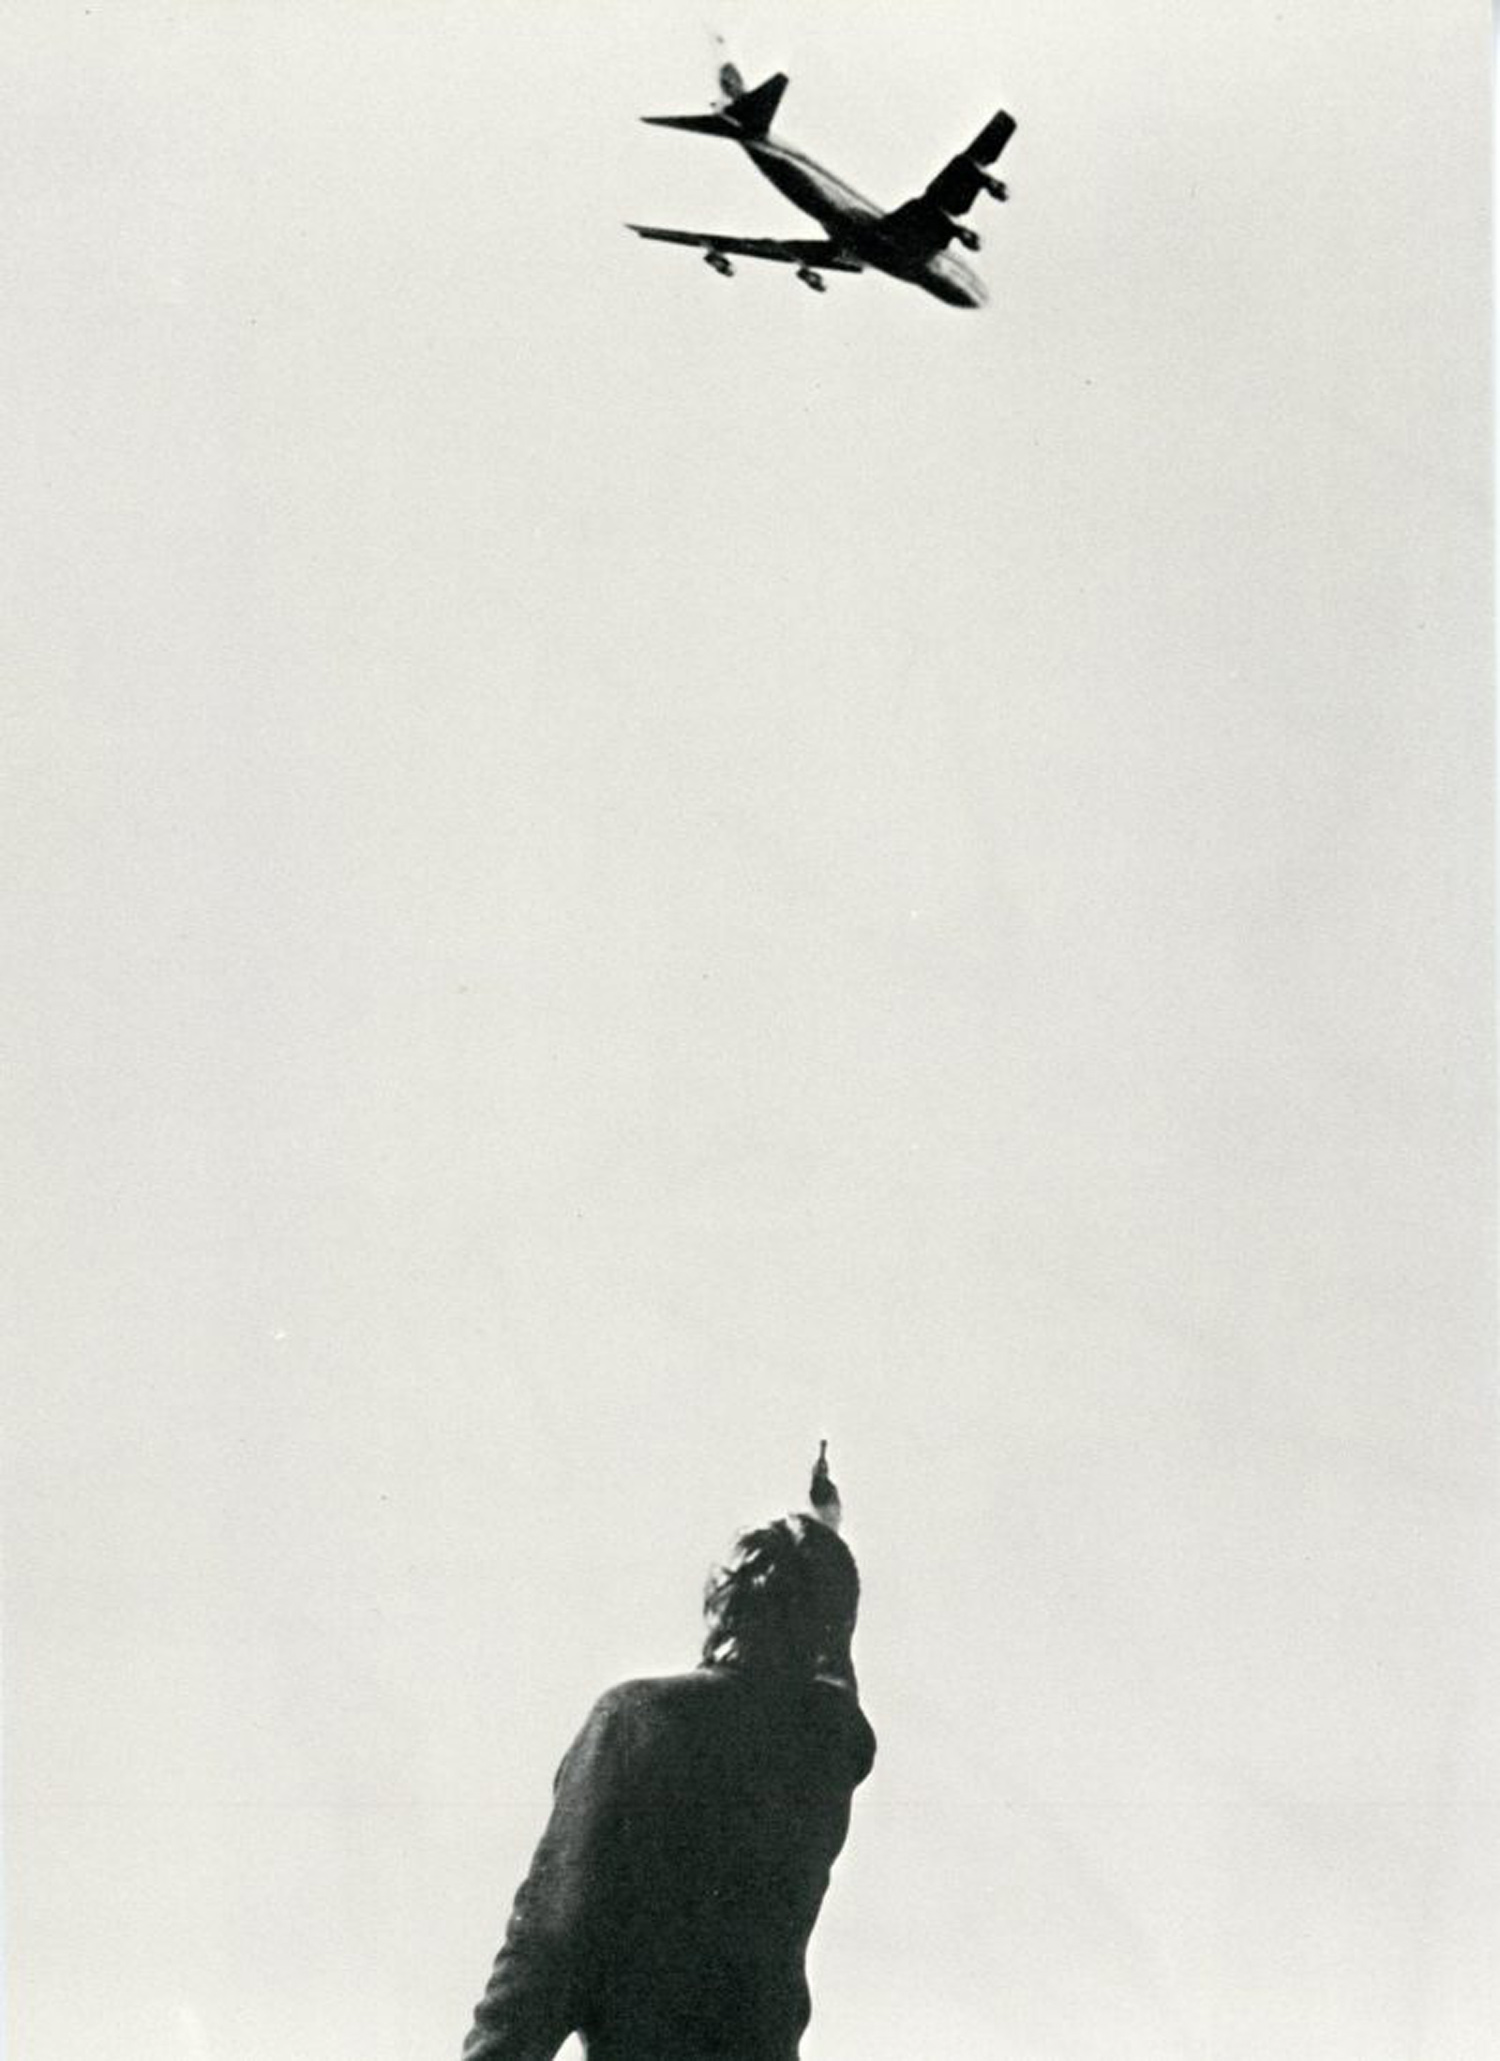 Chris Burden, 747, Card, 1973